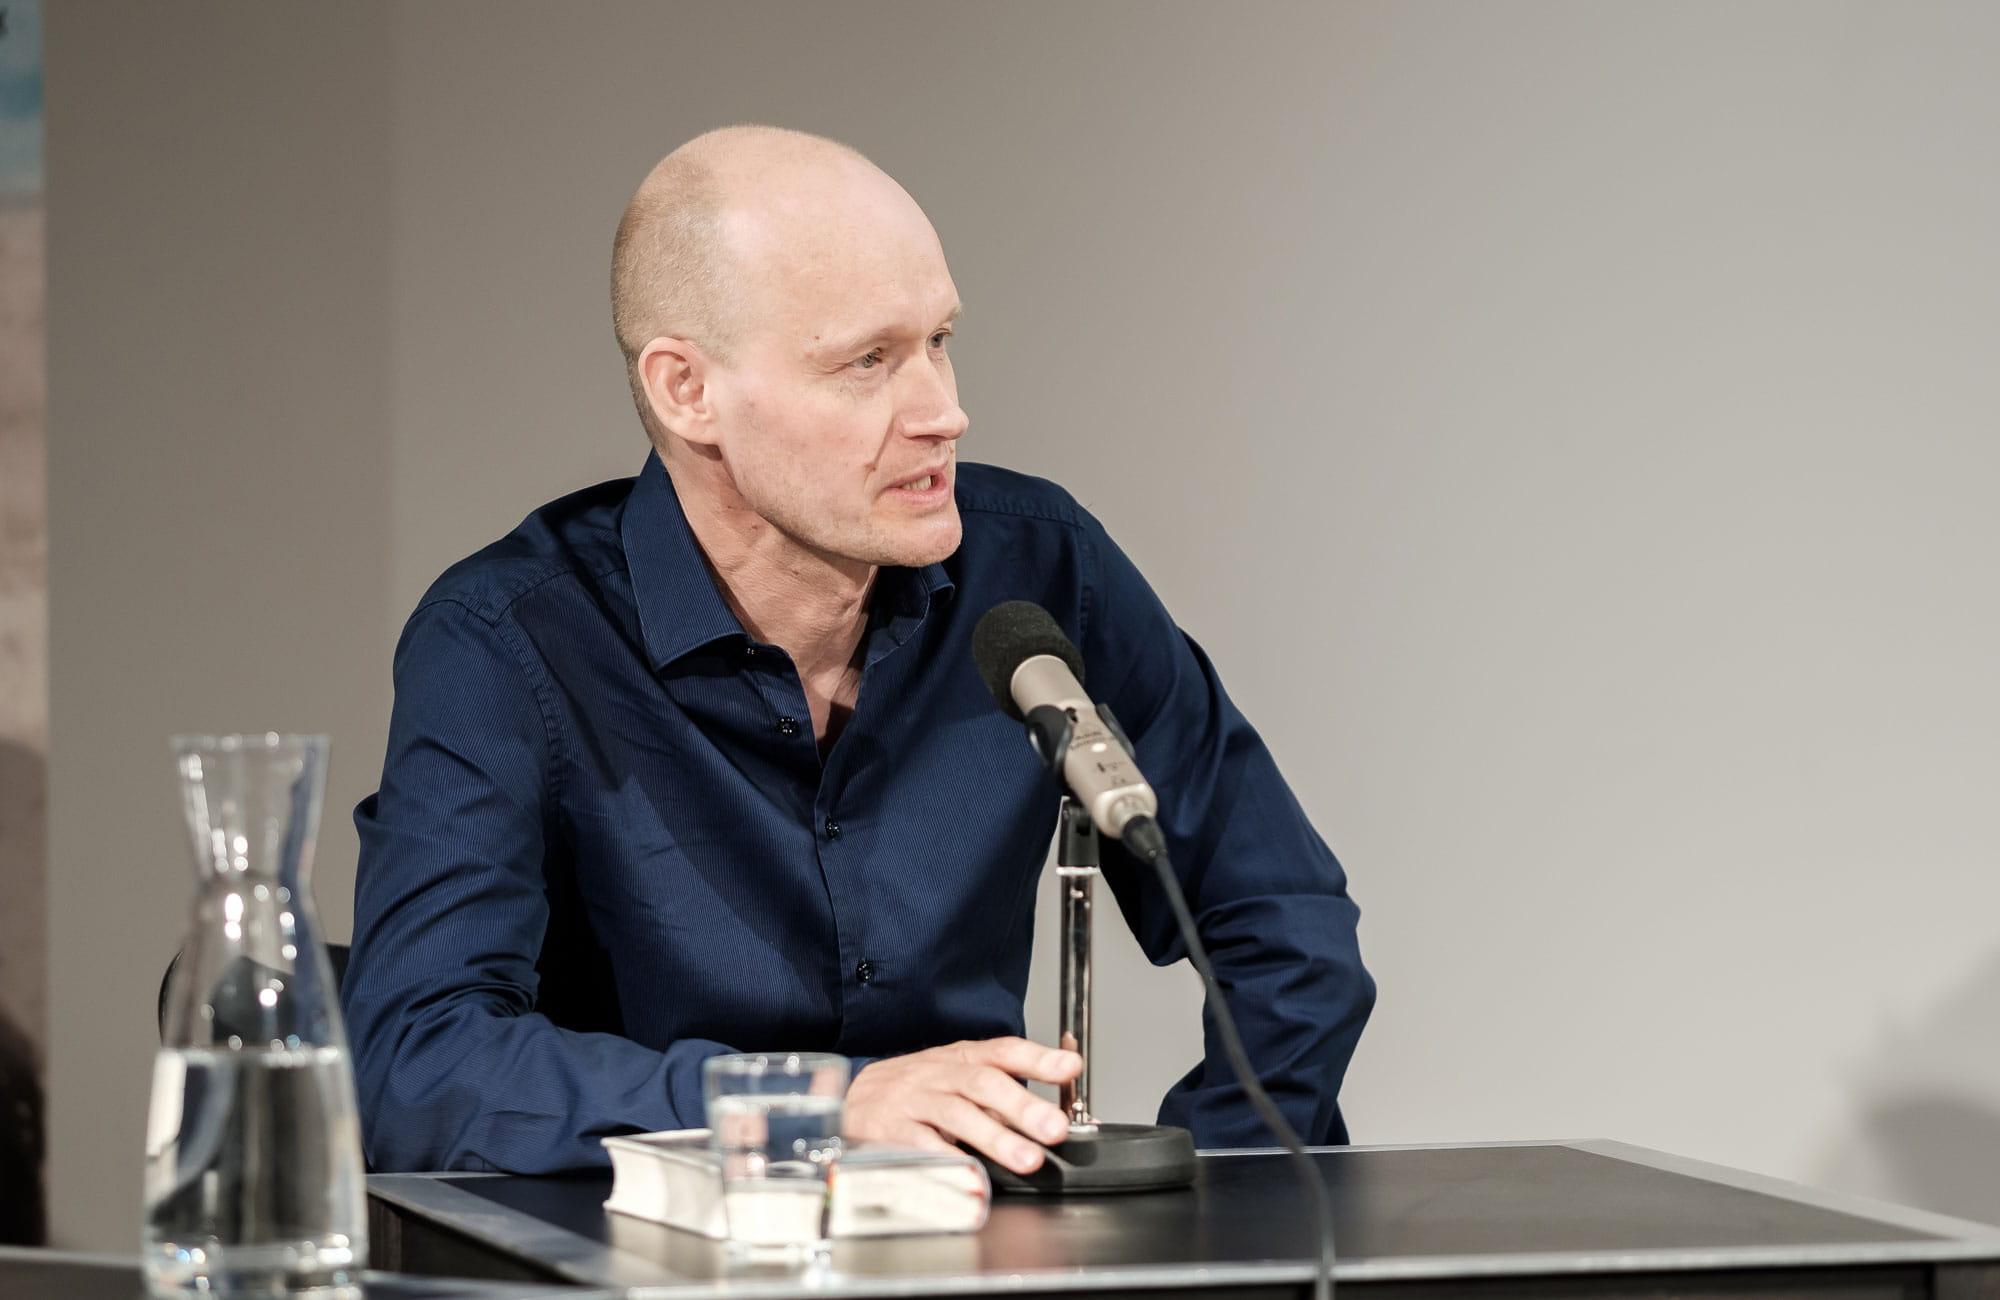 Arno Geiger, Jan Snela: Unter der Drachenwand – Eine Liebesgeschichte <br/>(c) Sebastian Wenzel